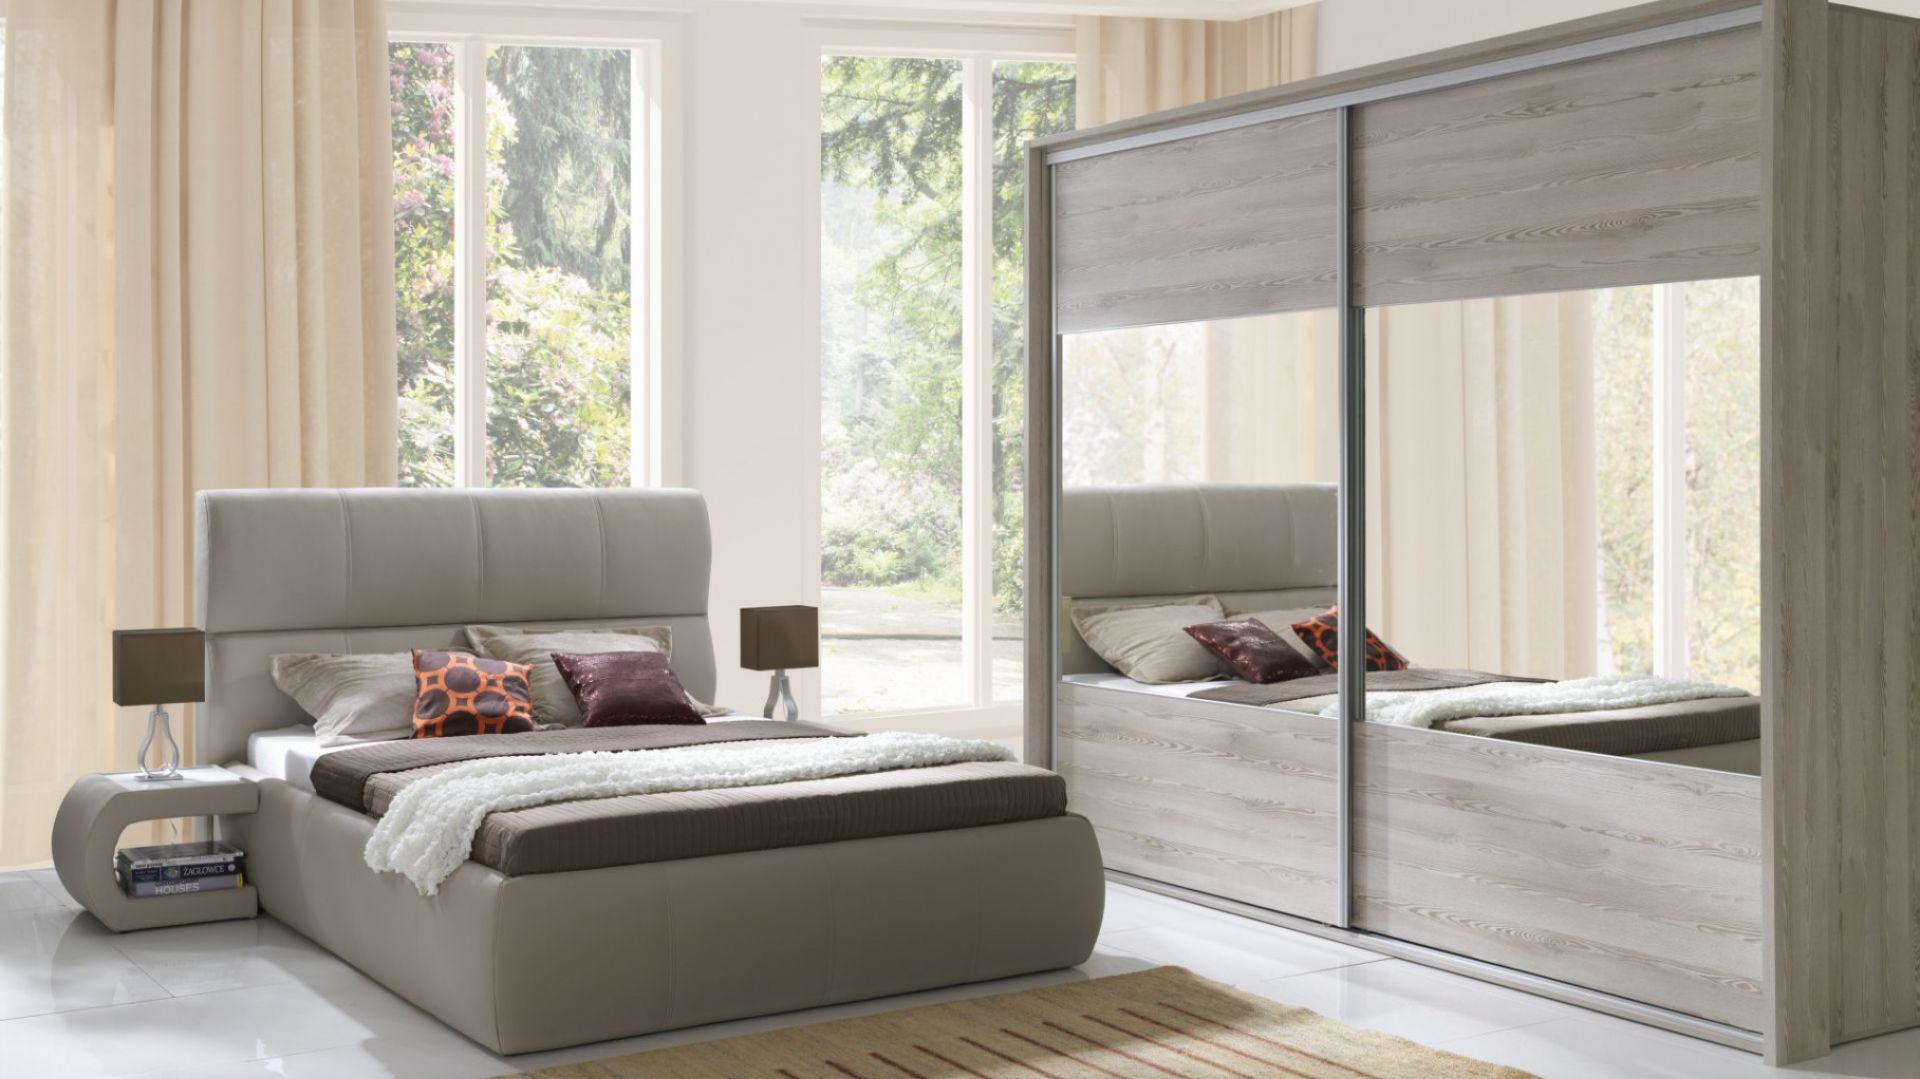 Łóżko Dalia marki Wajnert. Fot. Wajnert